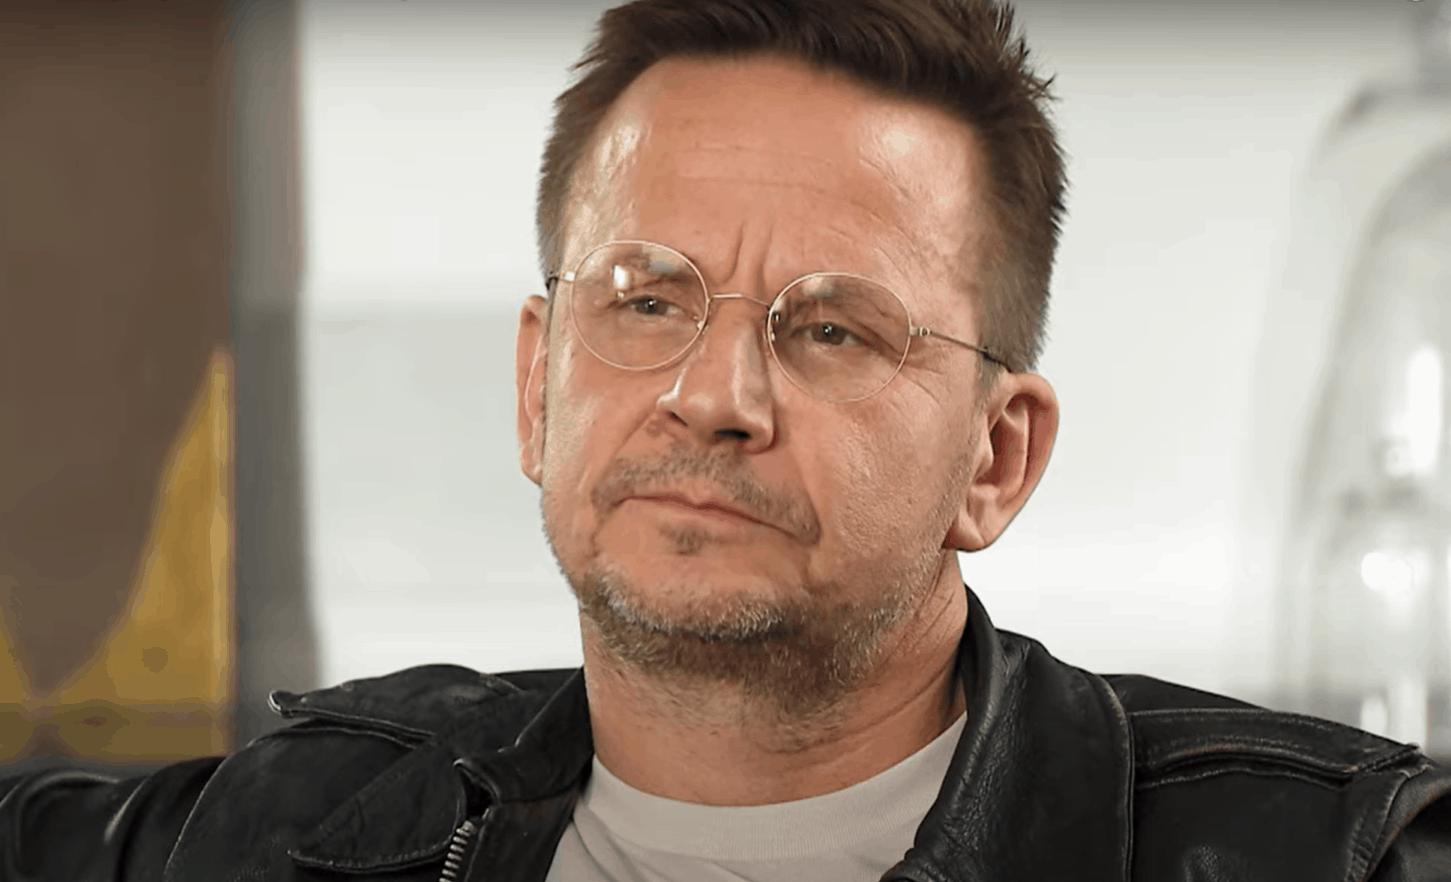 """Bartek Topa znany z serialu """"Pod Powierzchnią"""" telewizji TVN, przeżył tragedią - śmierć dziecka, jego syn umierał mu na rękach"""